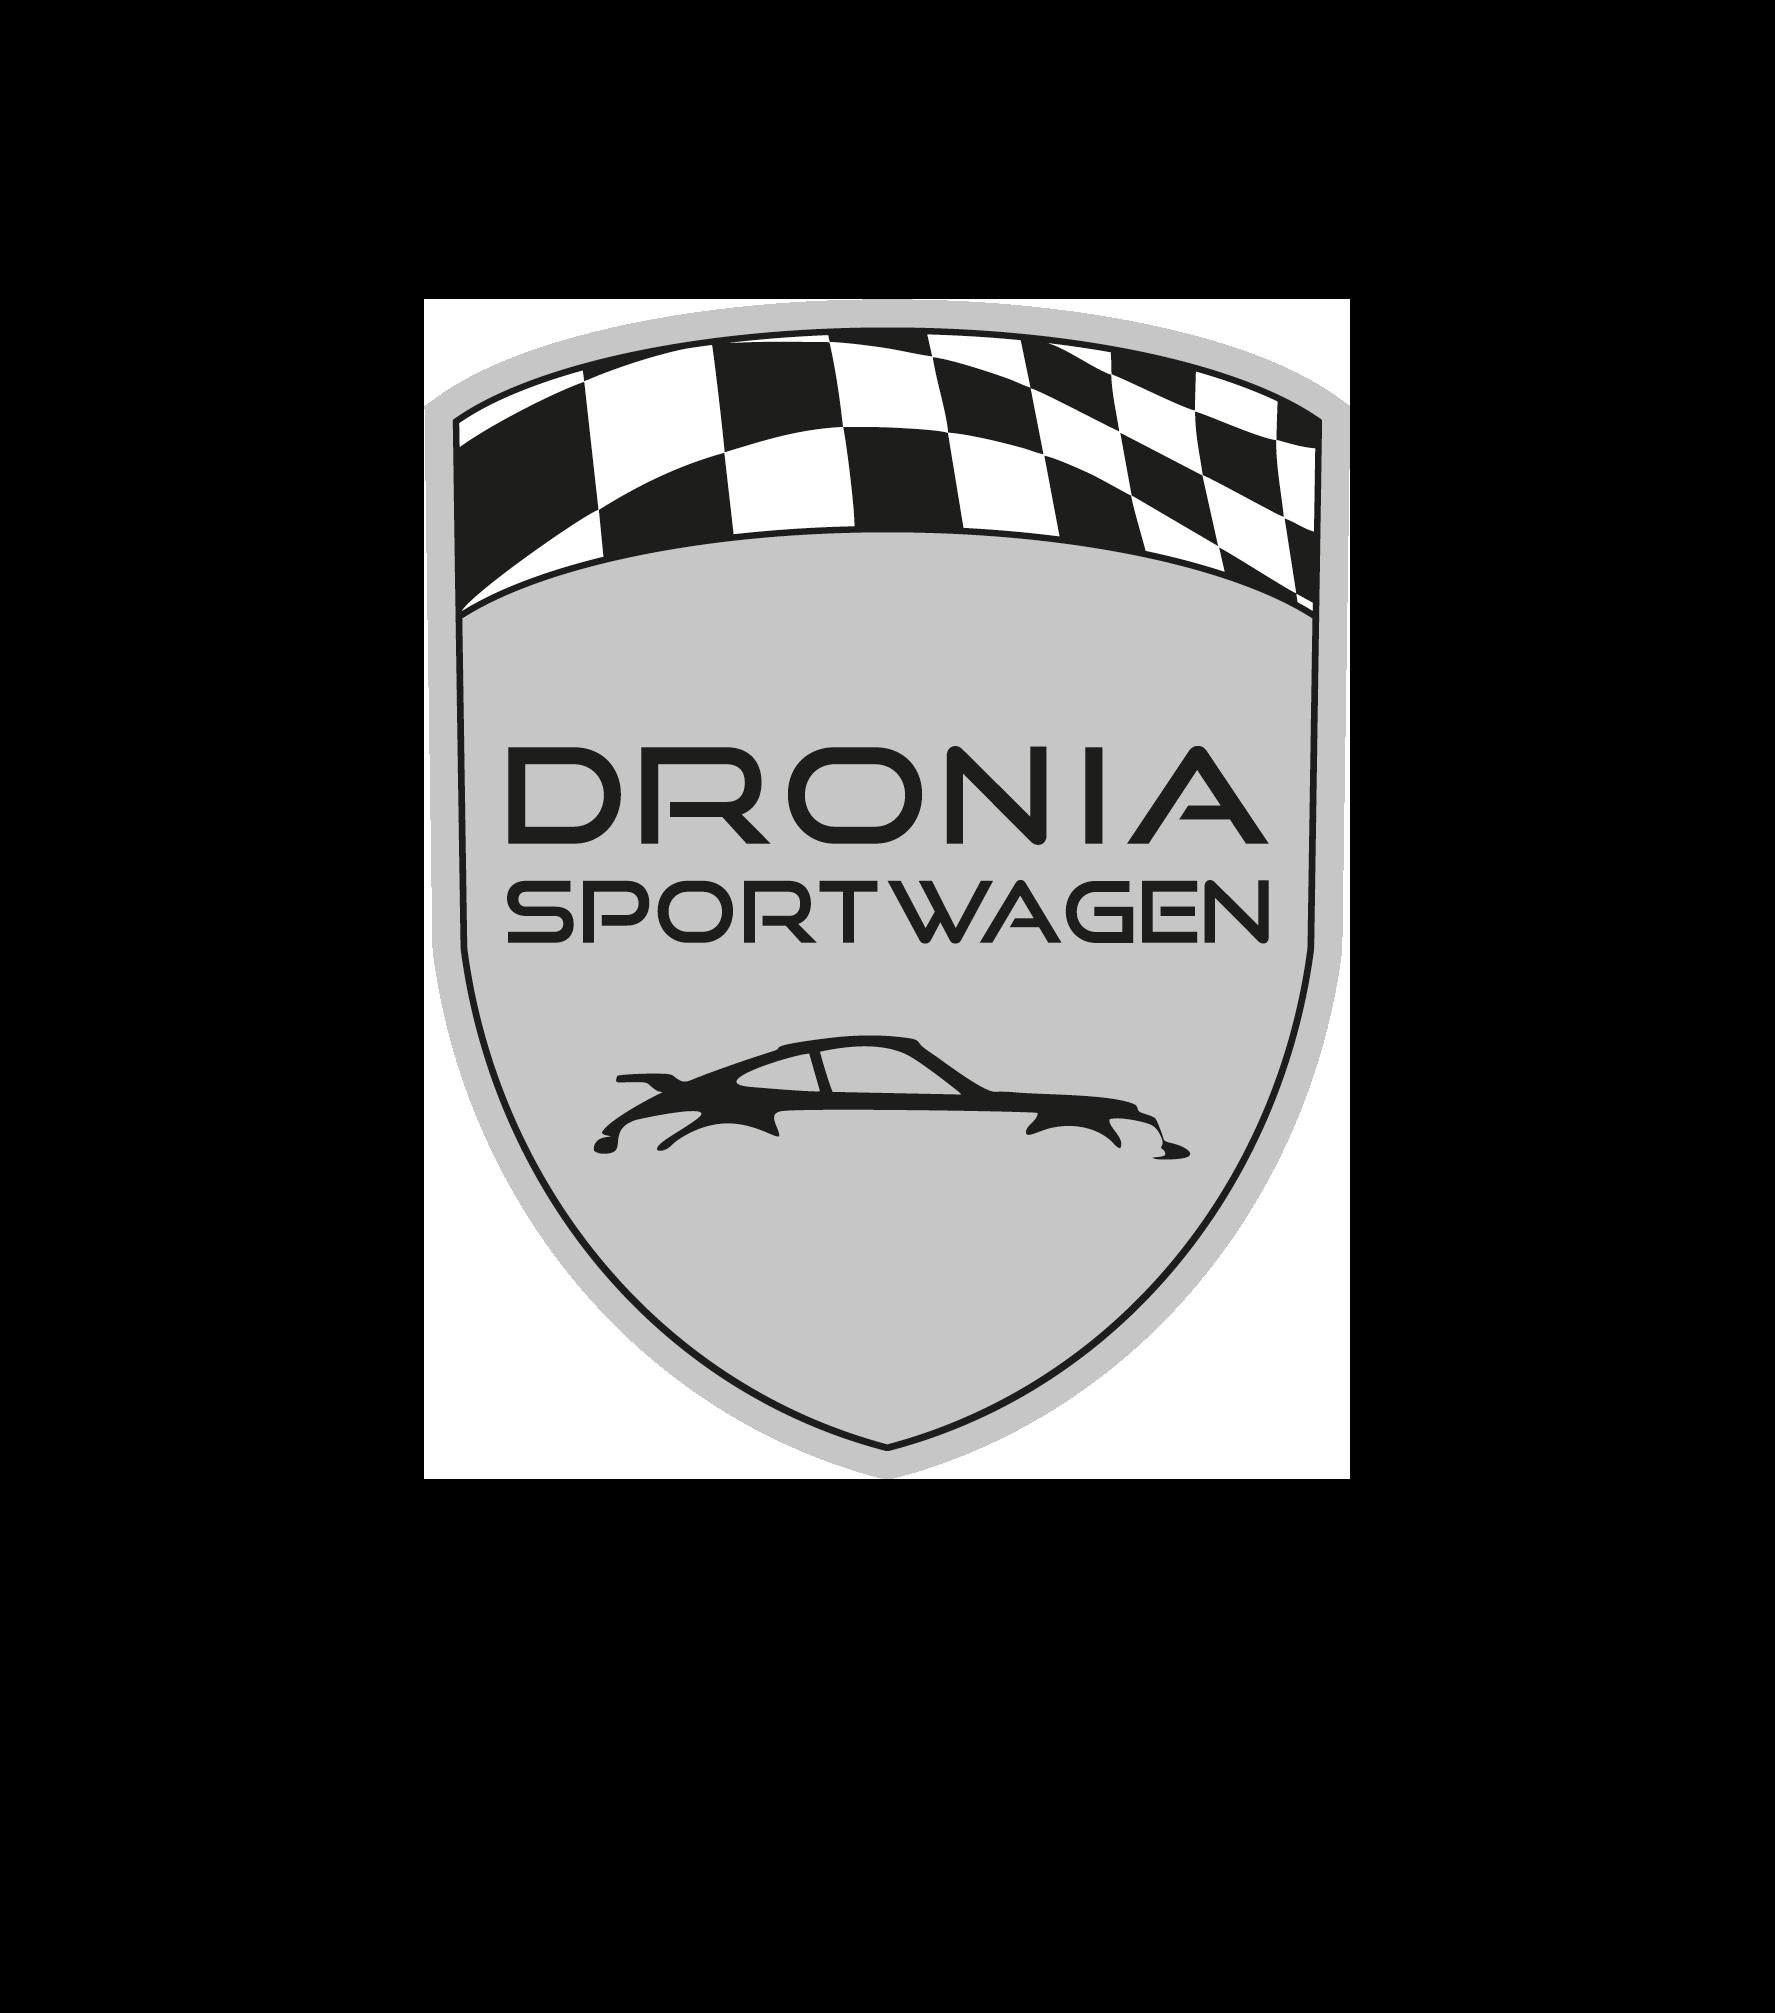 Dronia Sportwagen